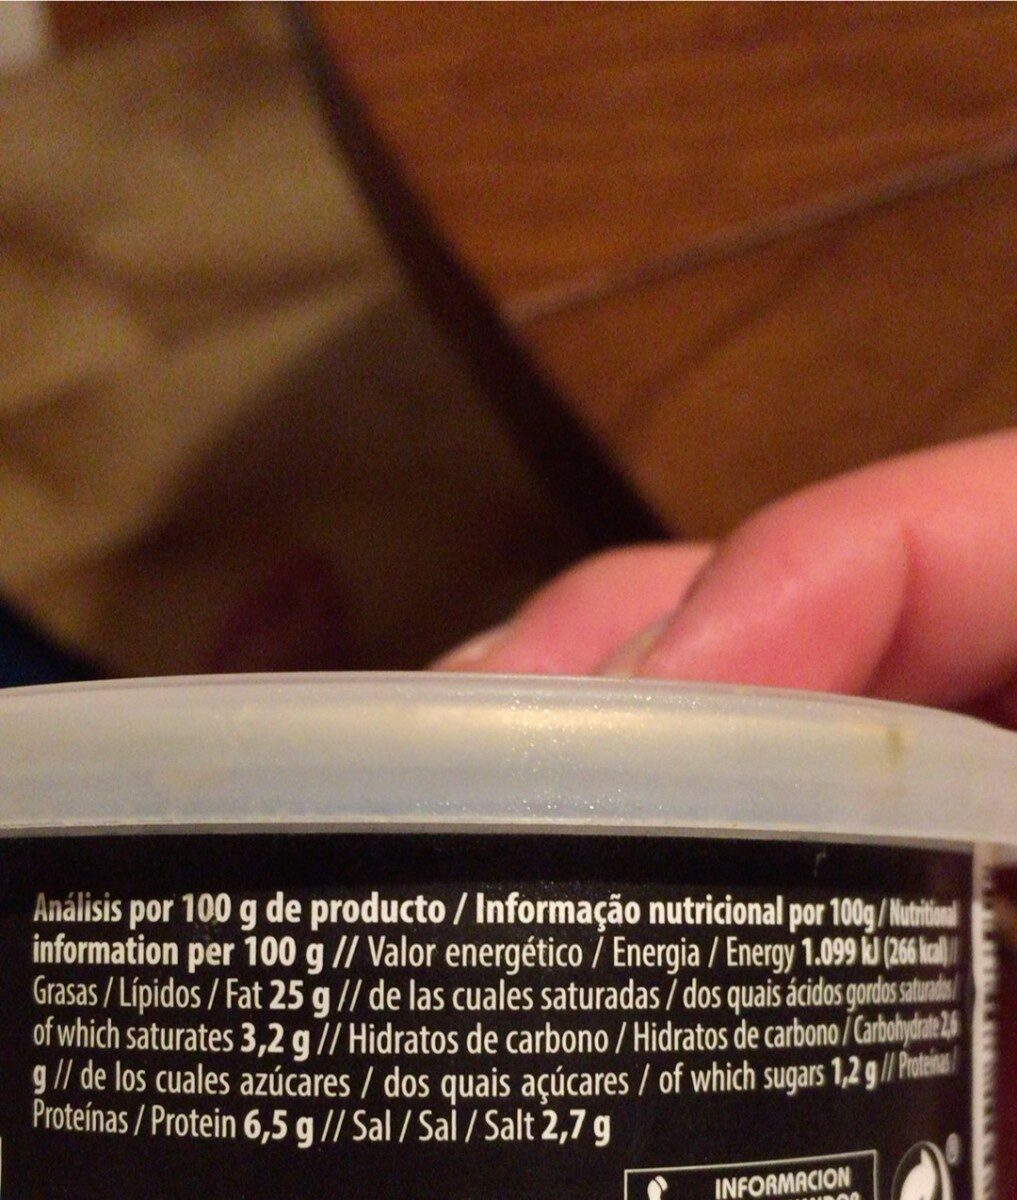 Crema de paté almendra, olivas - Información nutricional - es